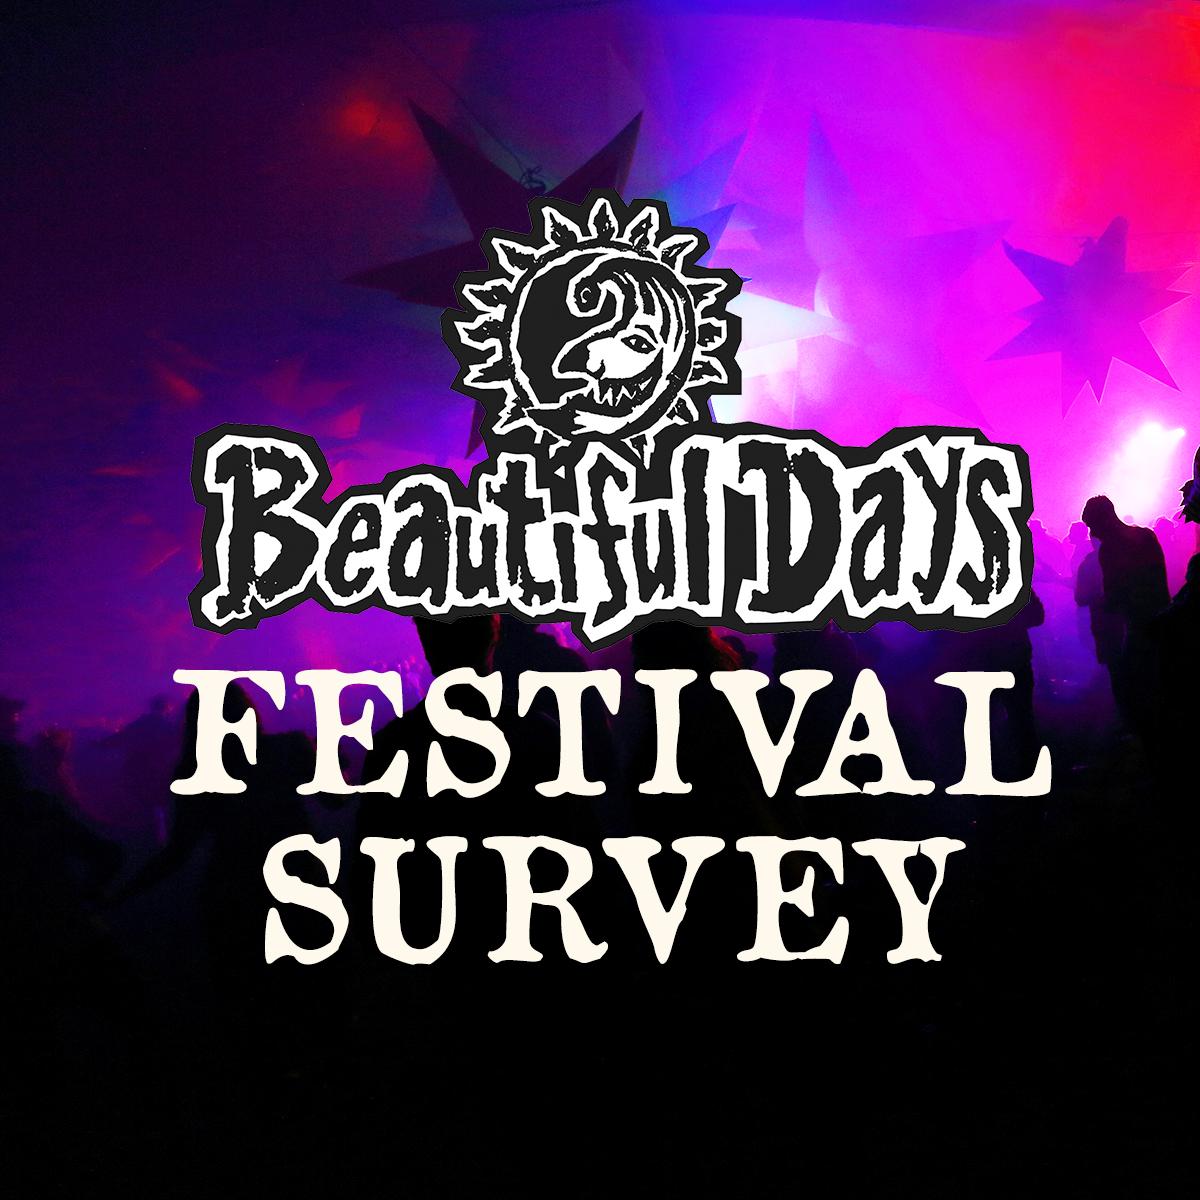 Festival Survey